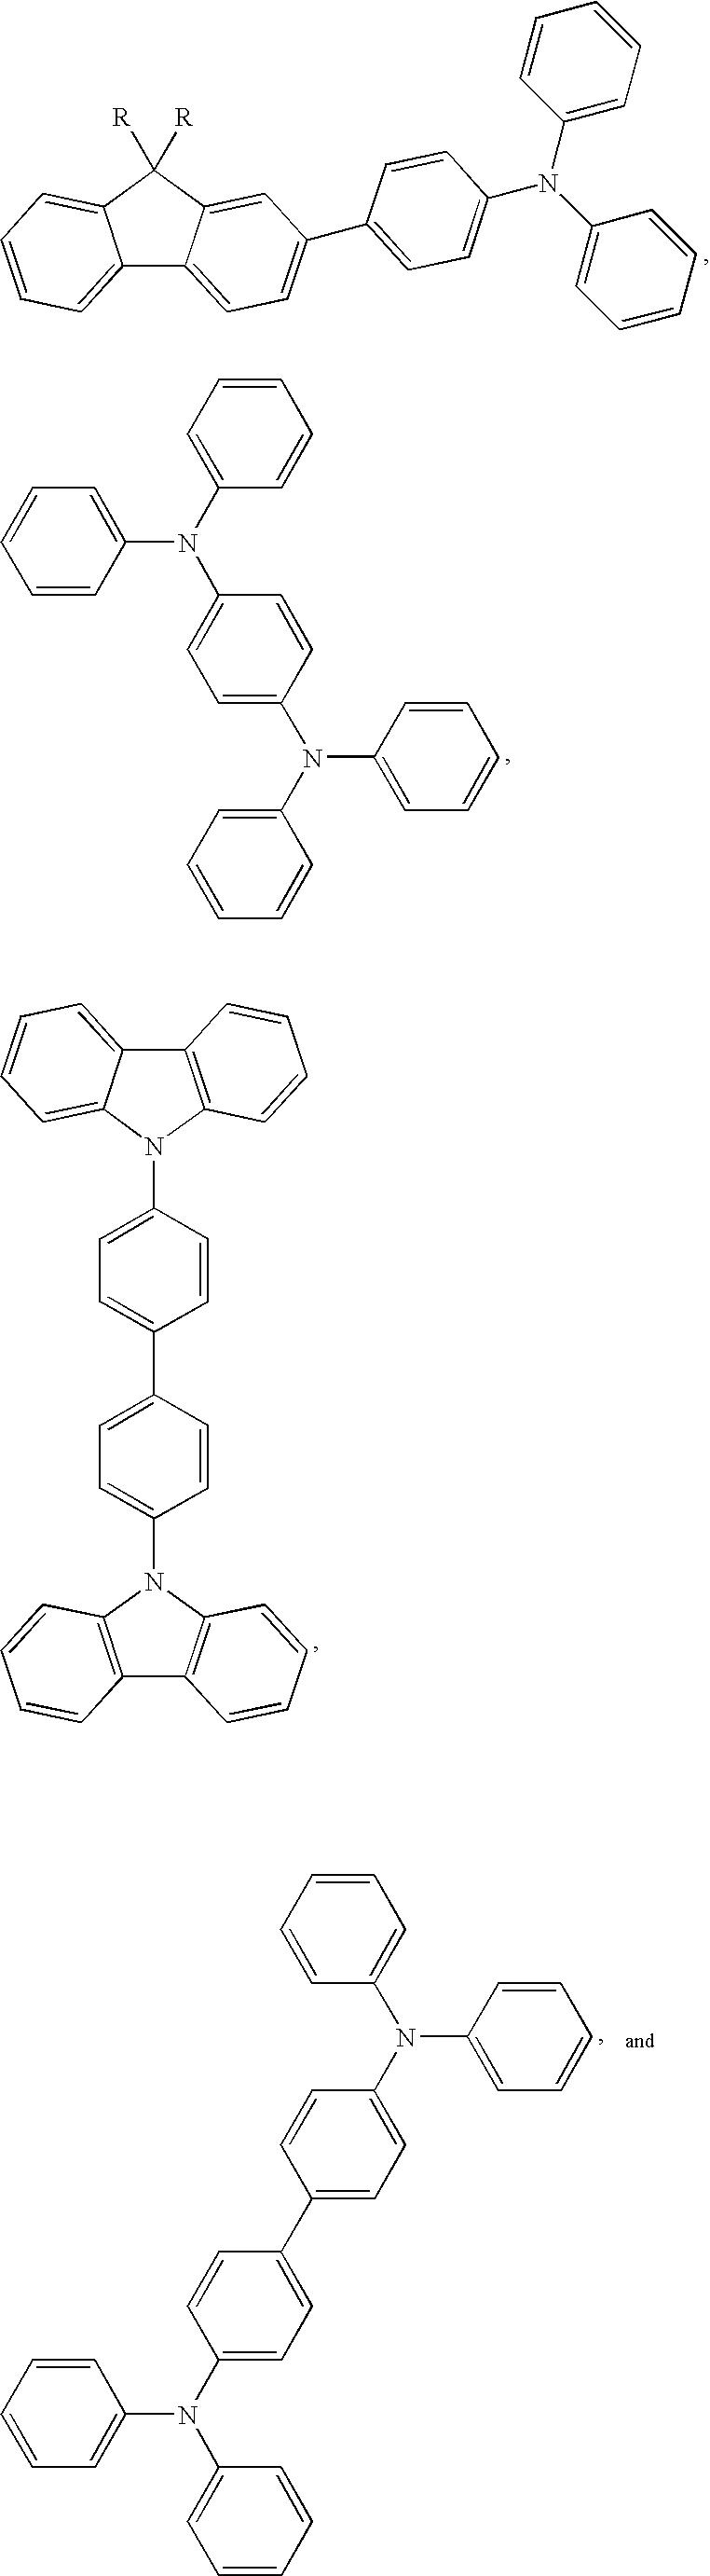 Figure US20070107835A1-20070517-C00080